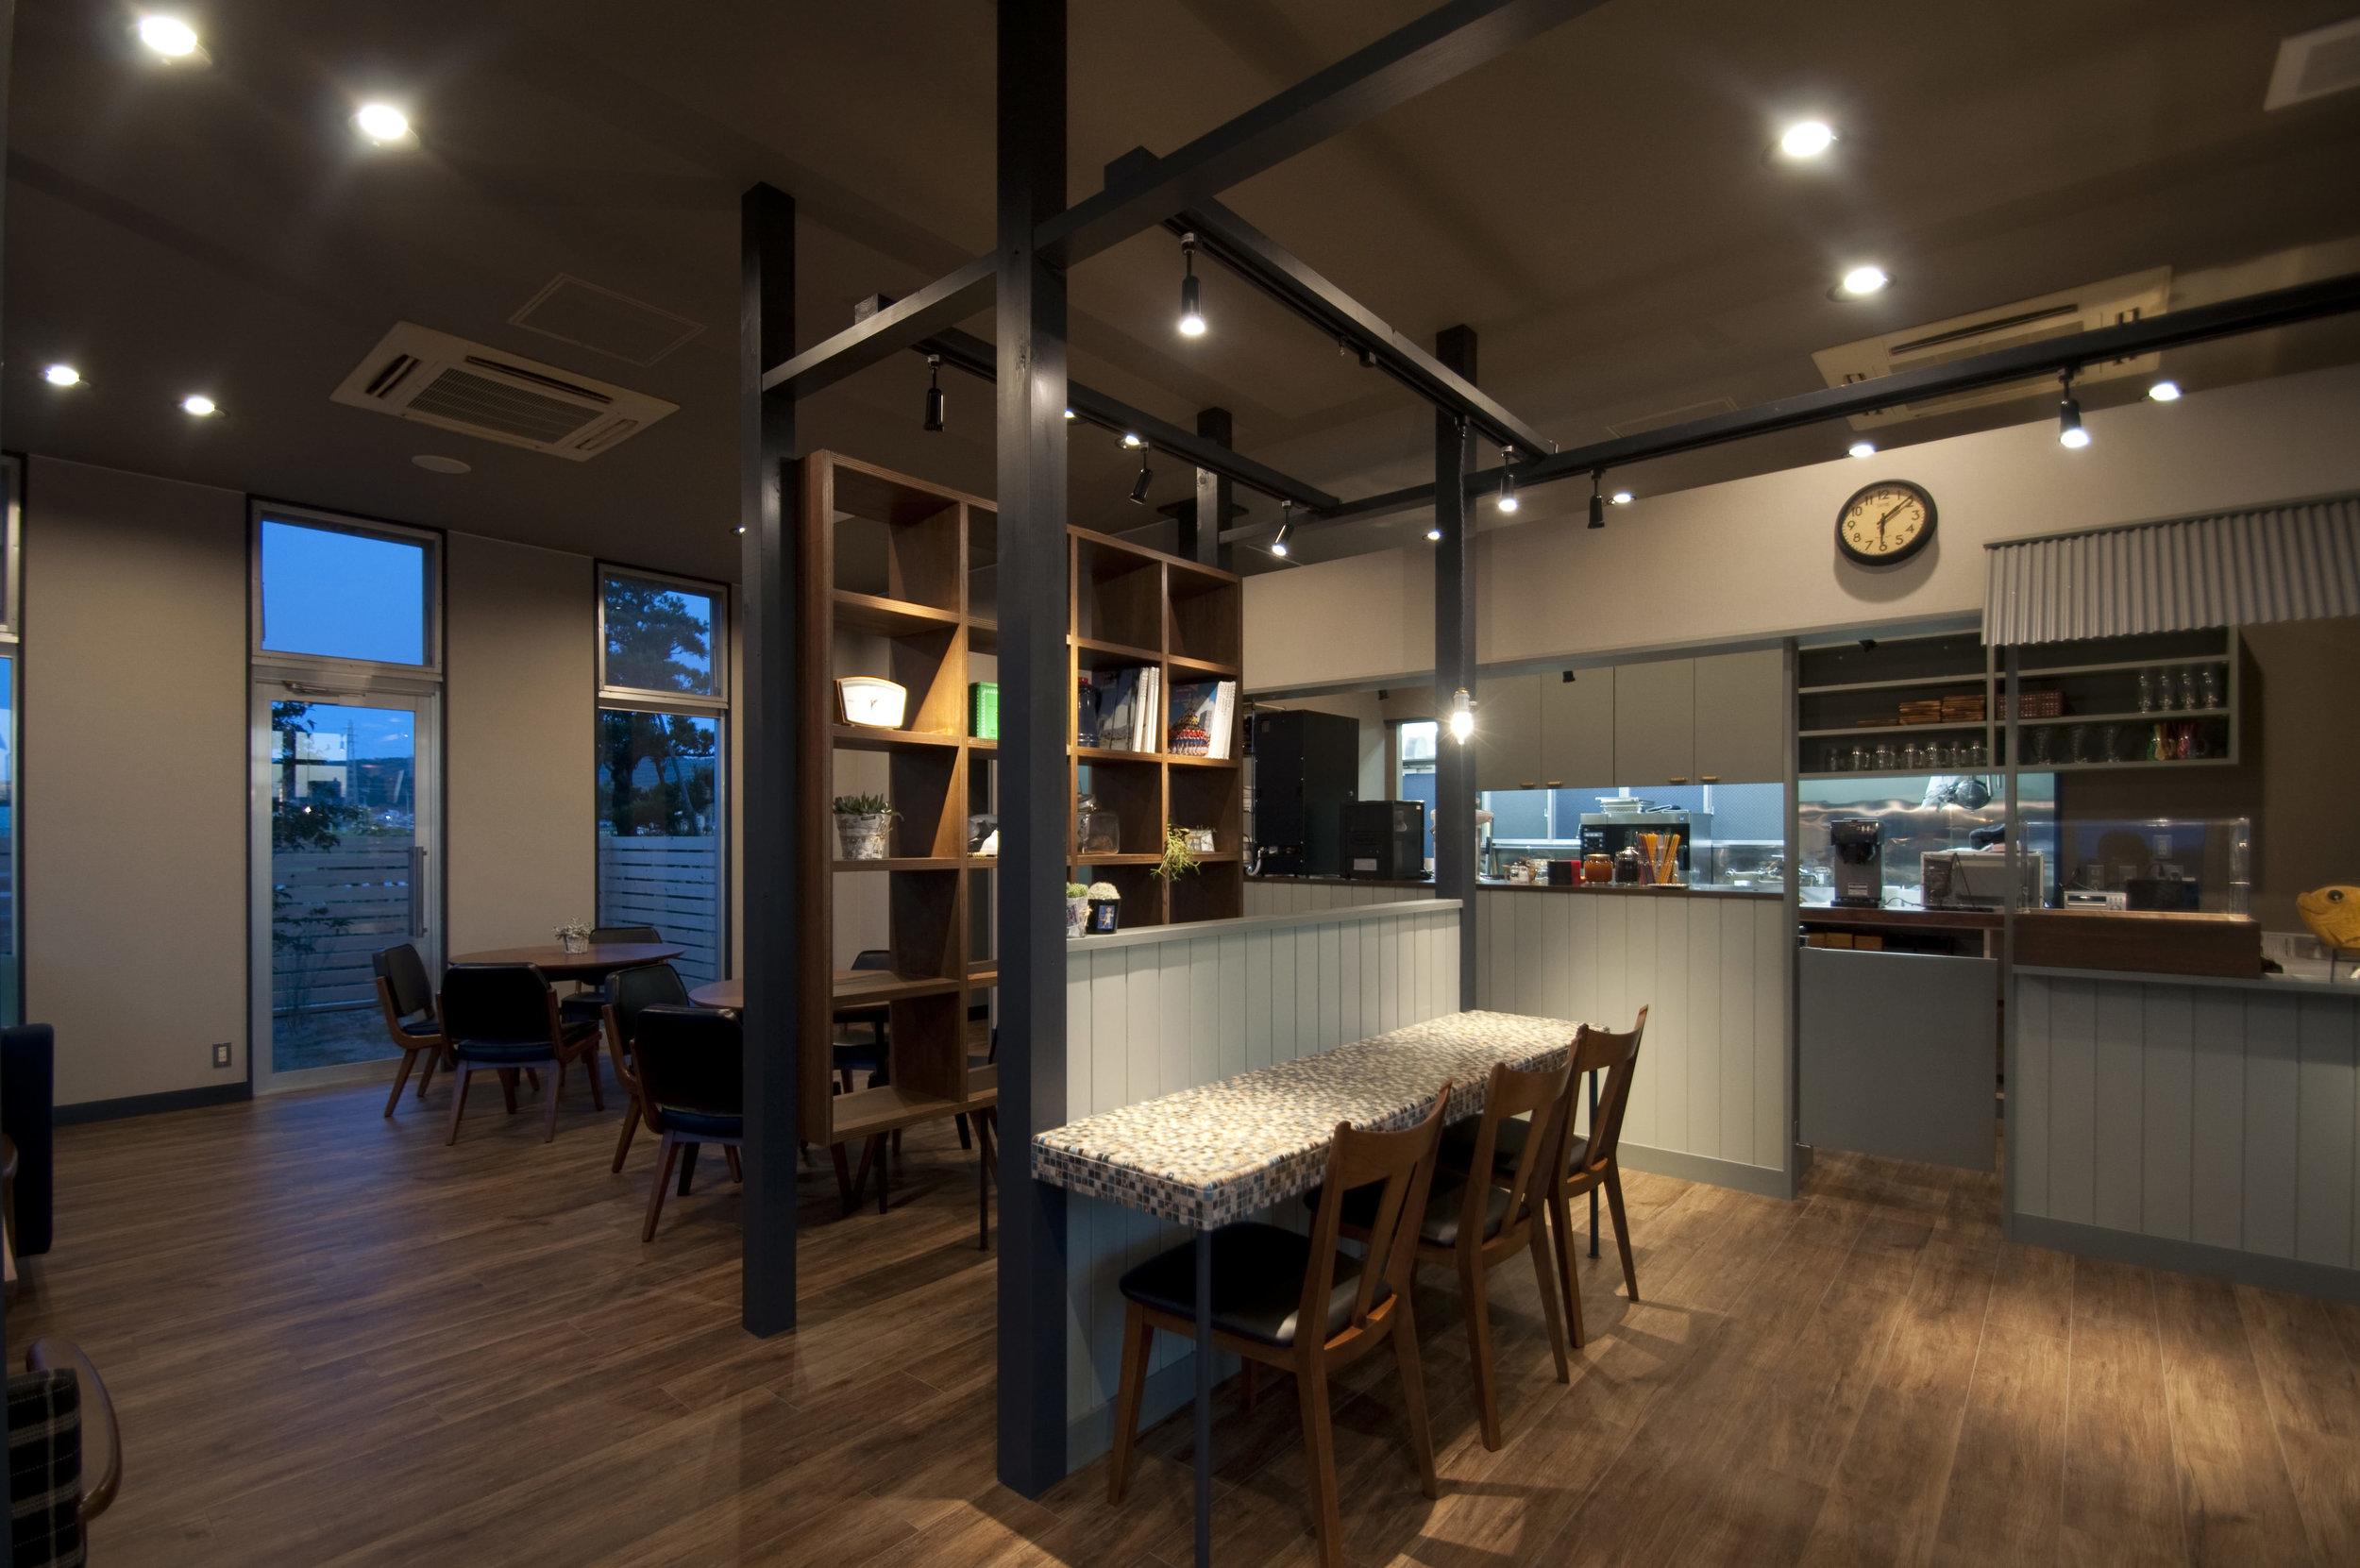 tona cafe トナカフェ 成正建装 愛知県 犬山市 新築 リフォーム 古民家再生 家づくり12.jpg